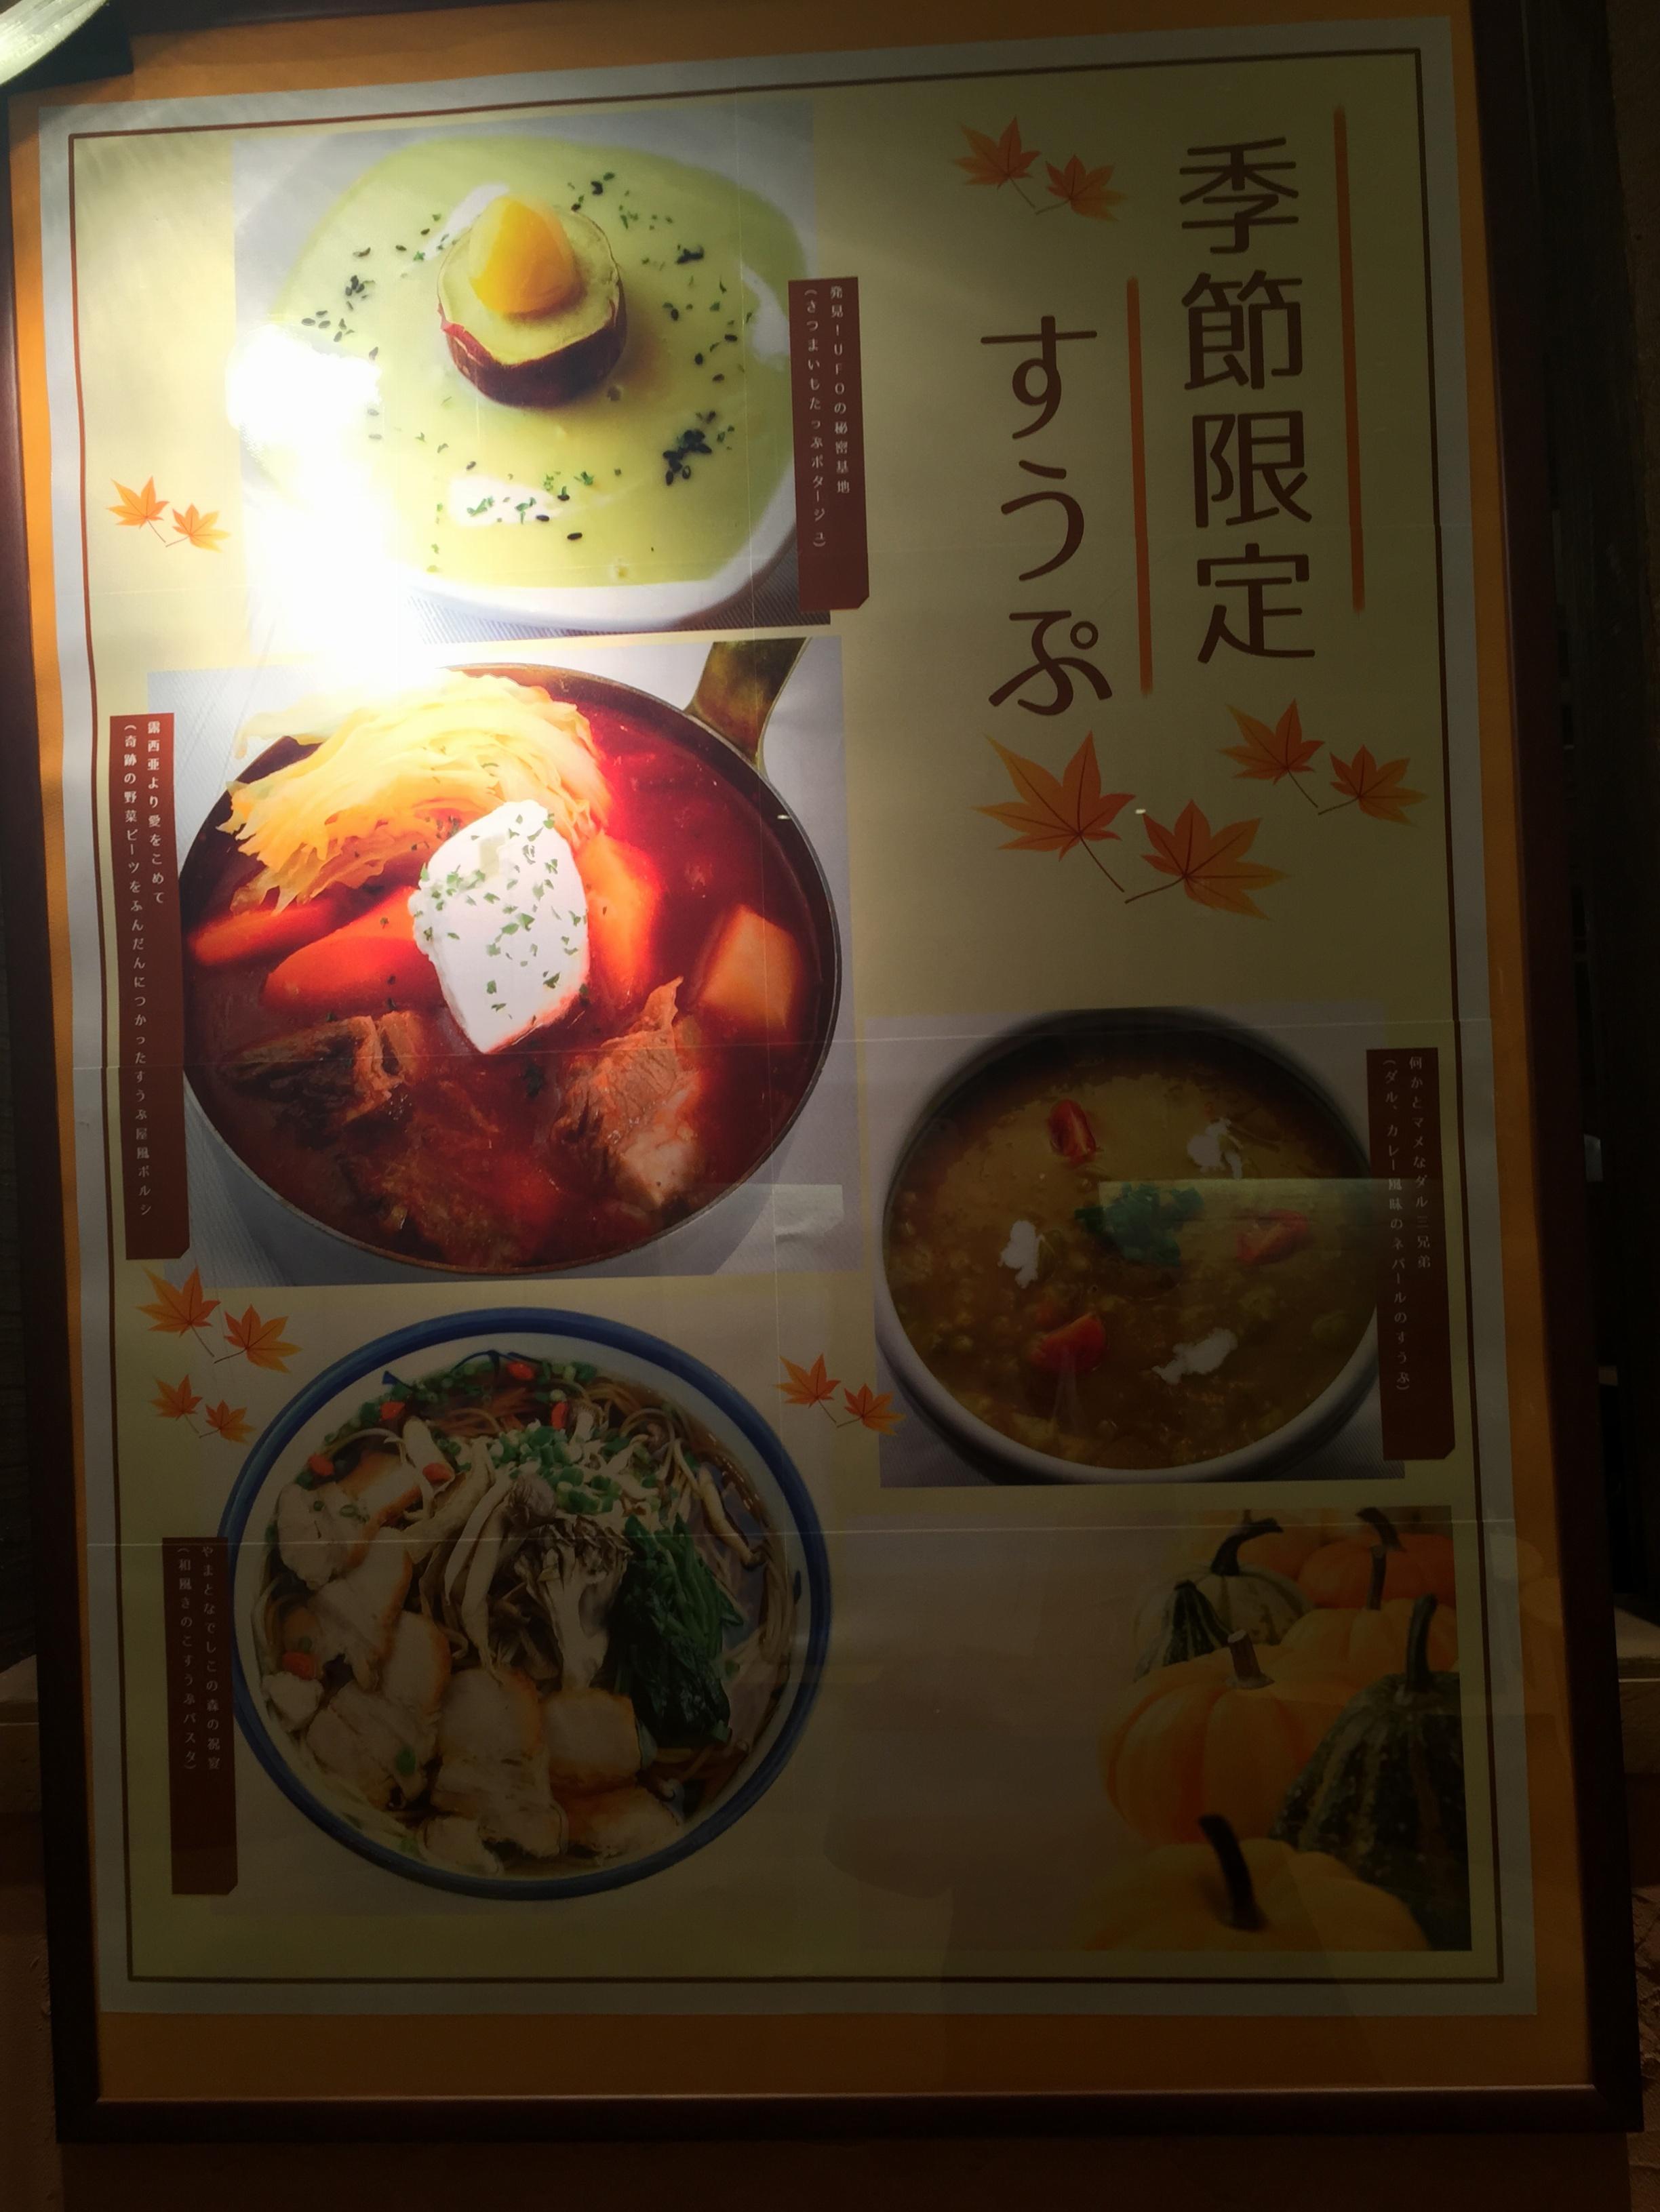 日本で初めてのスープ専門店✨【*すうぷ屋*】のセットが美味しい♡_10